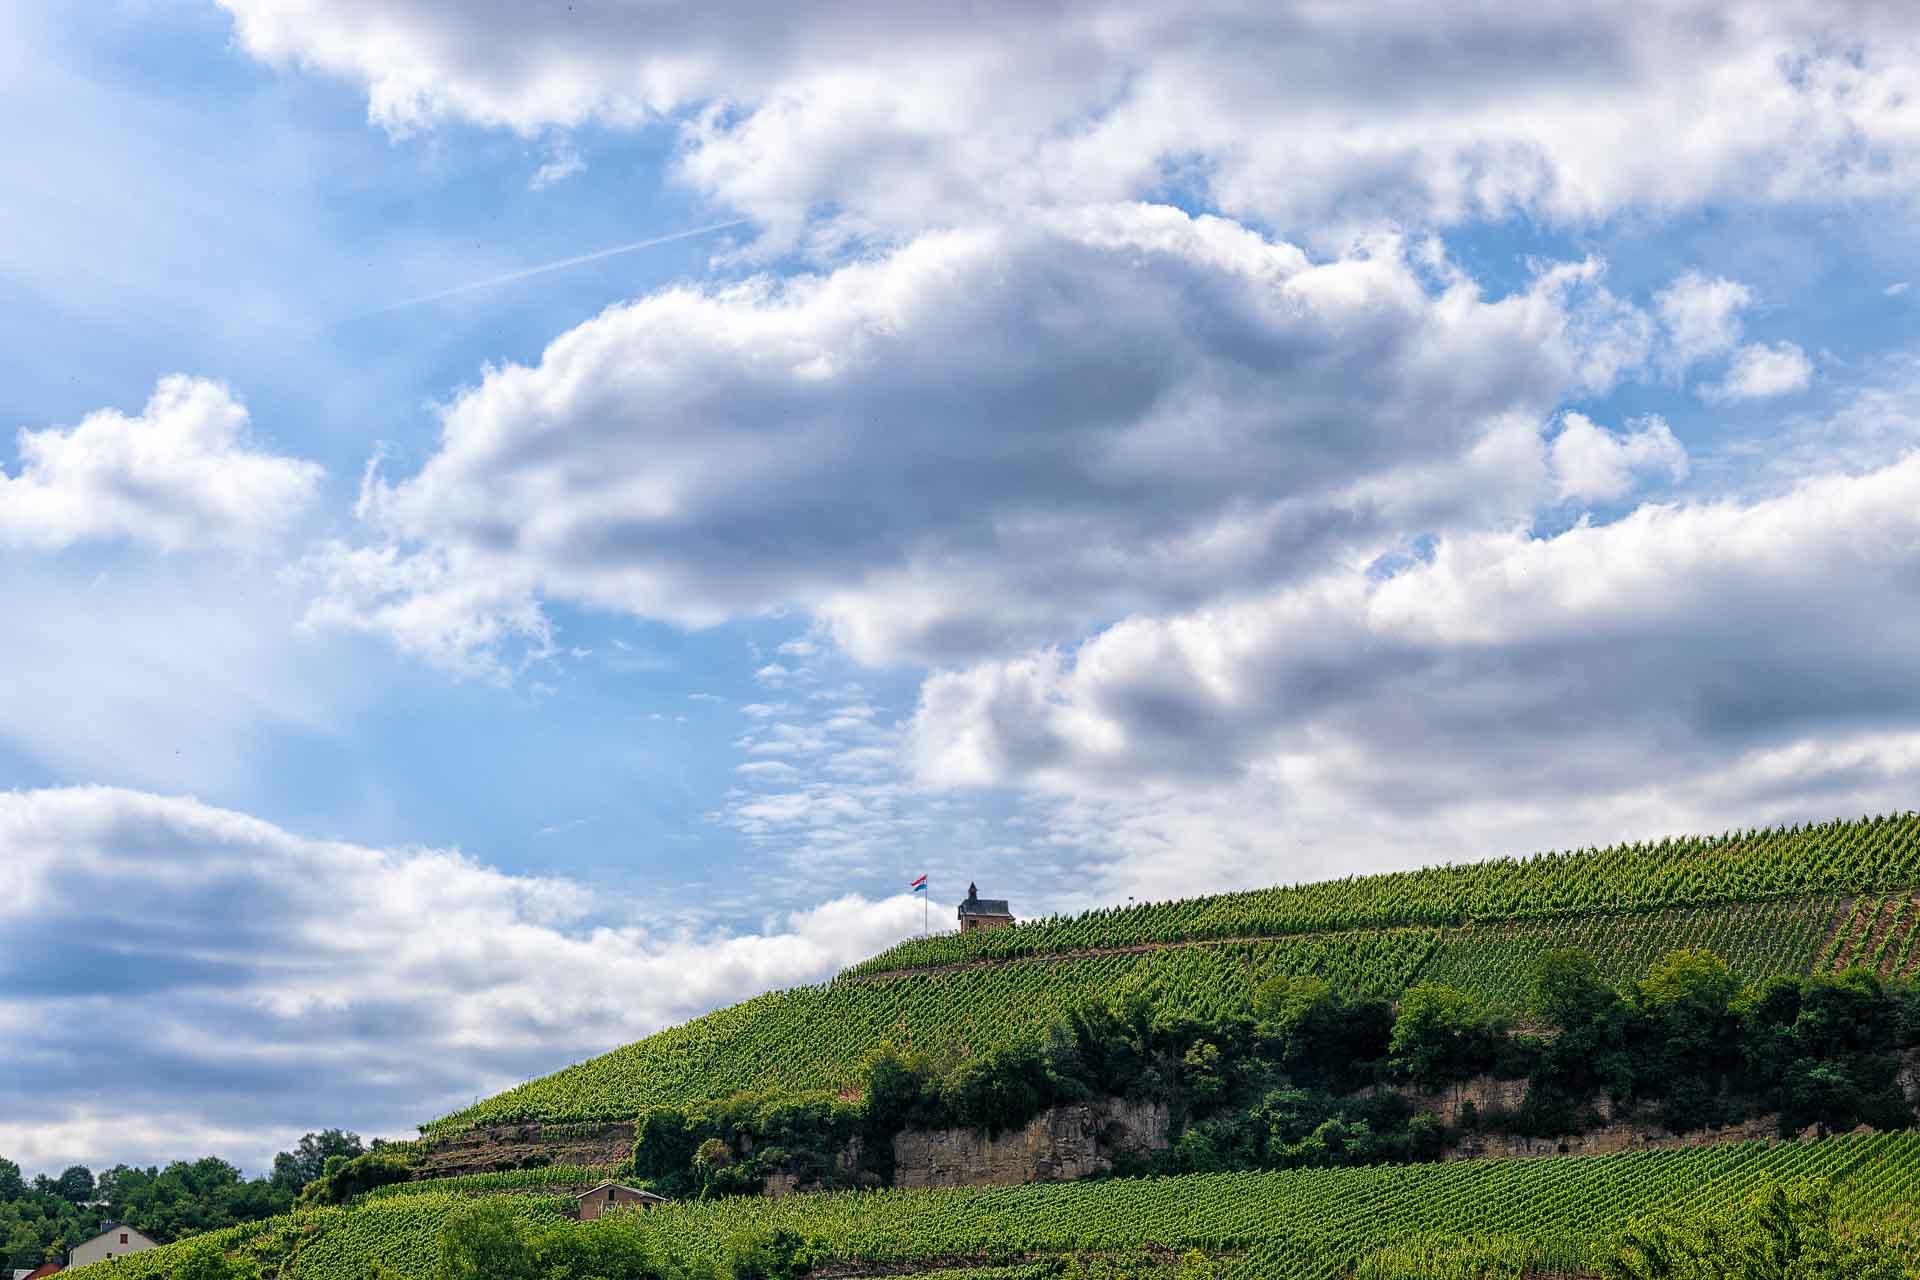 Man sieht den Weinberg Wormeldange Koeppchen mit einem Häuschen und der Flagge Luxemburgs bei sonnigem Wetter und einigen Wolken. Der Himmel ist blau.